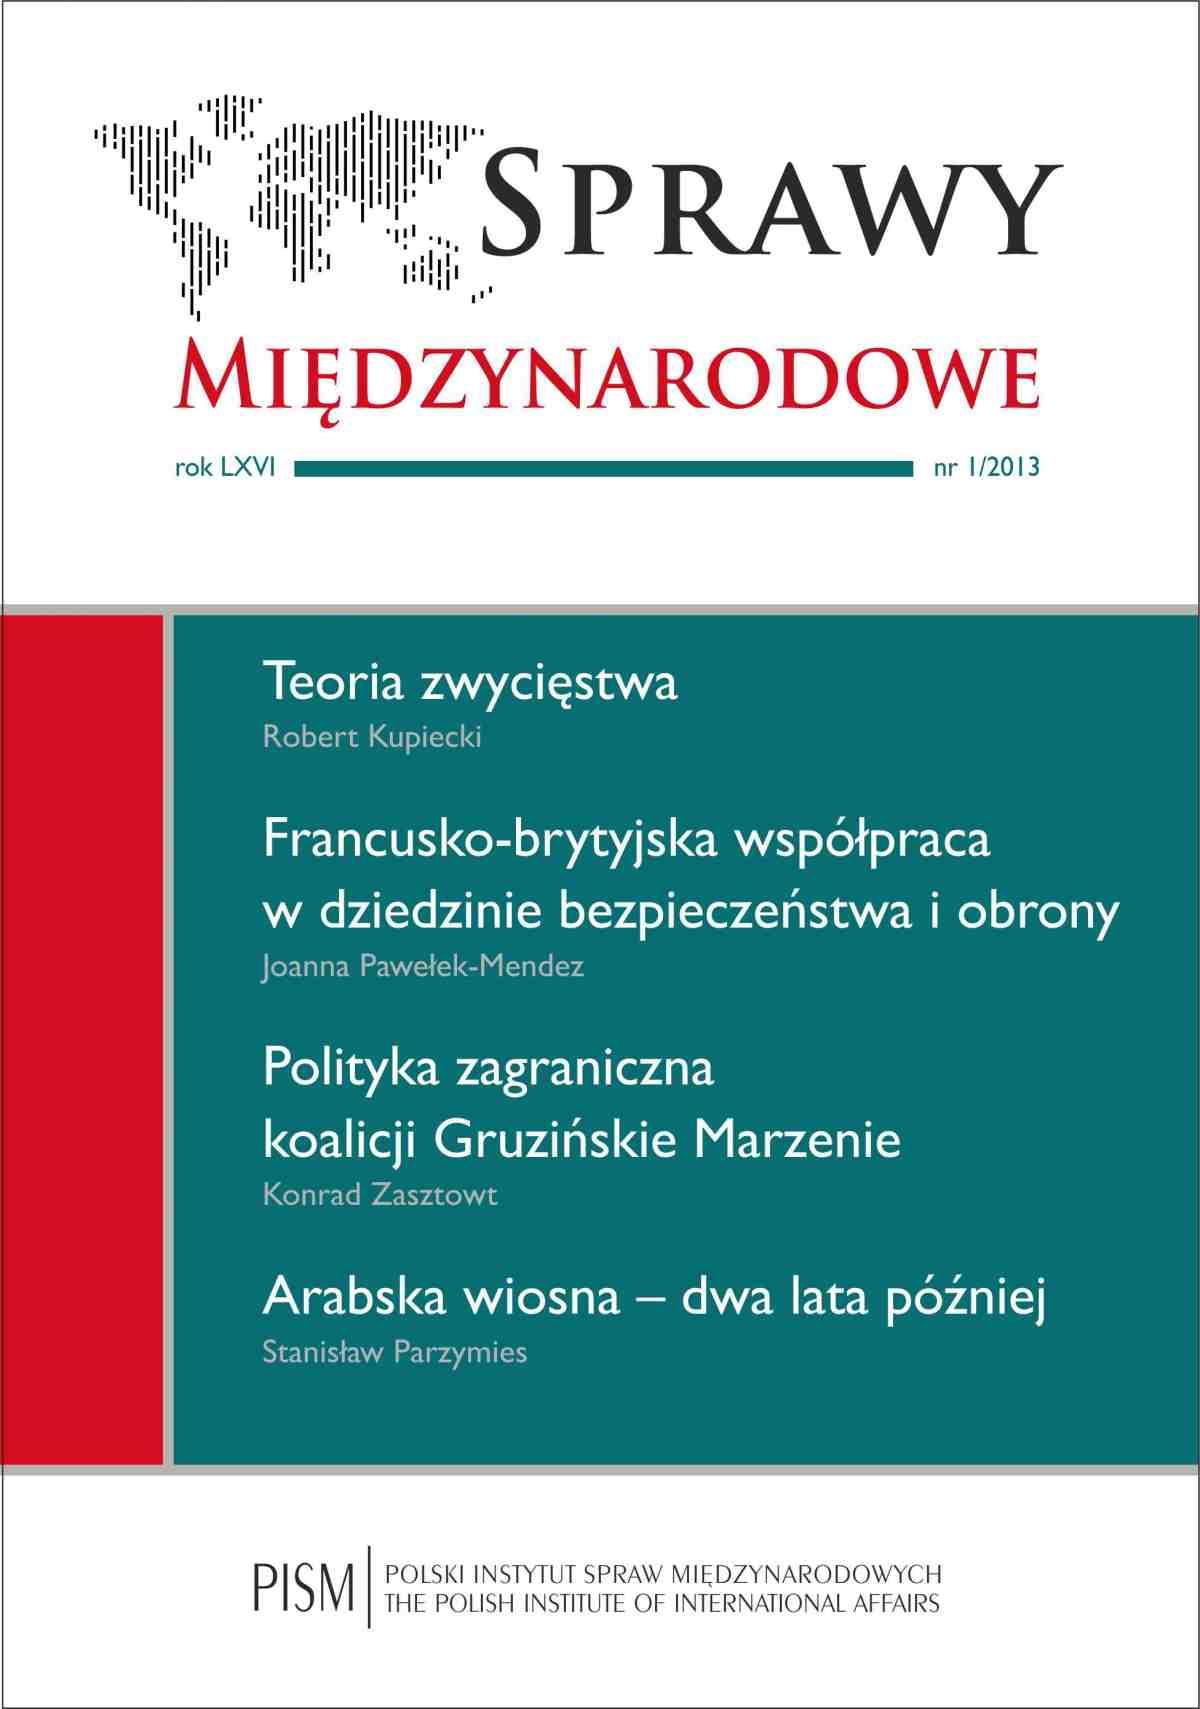 Sprawy Międzynarodowe nr 1/2013 - Ebook (Książka na Kindle) do pobrania w formacie MOBI